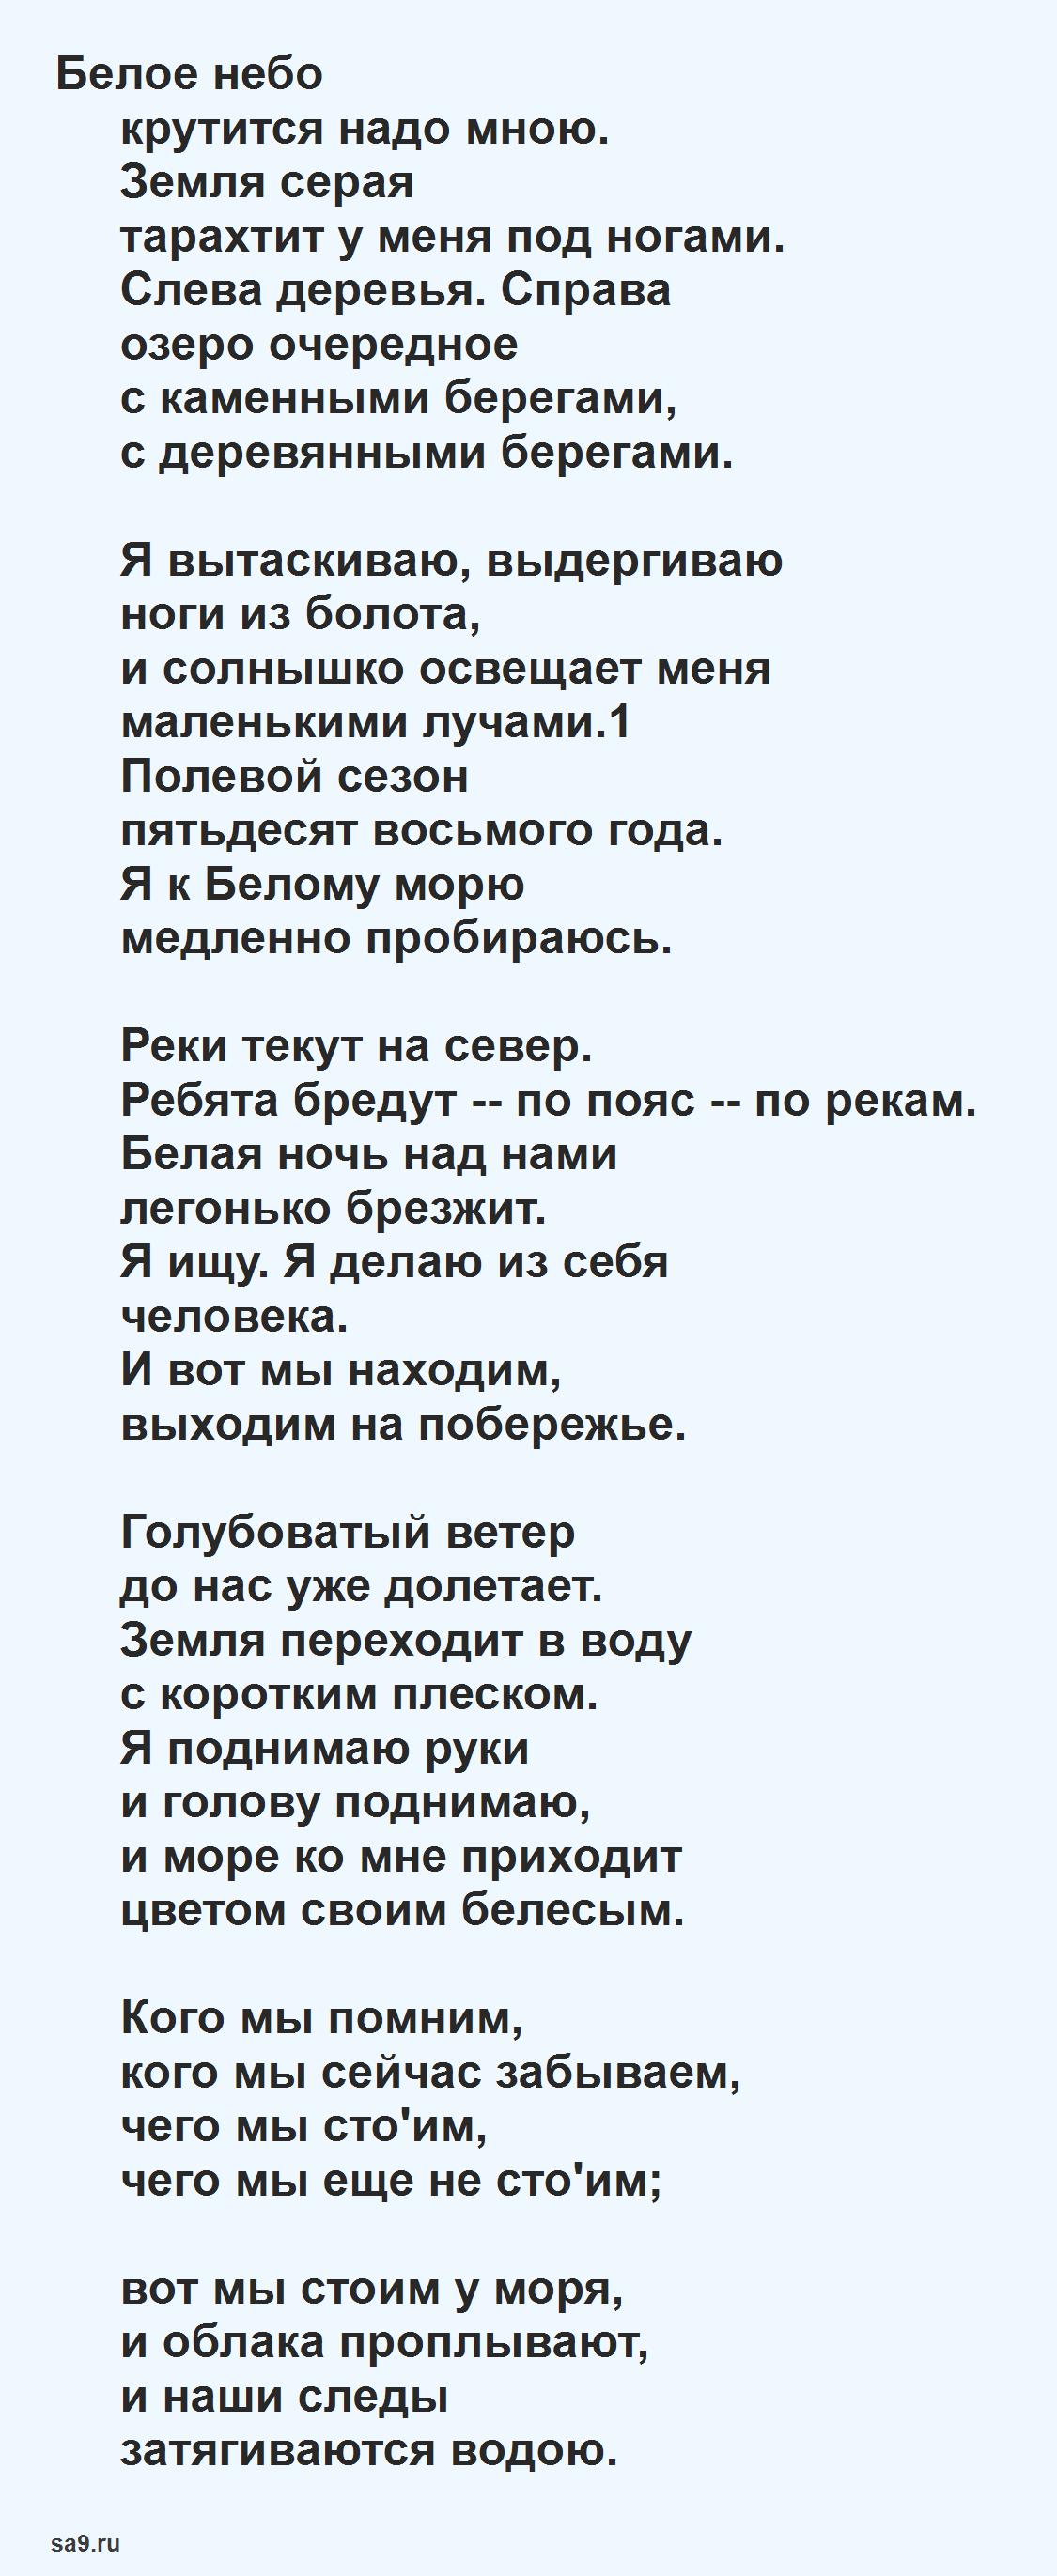 Песни на стихи Бродского - Воспоминания